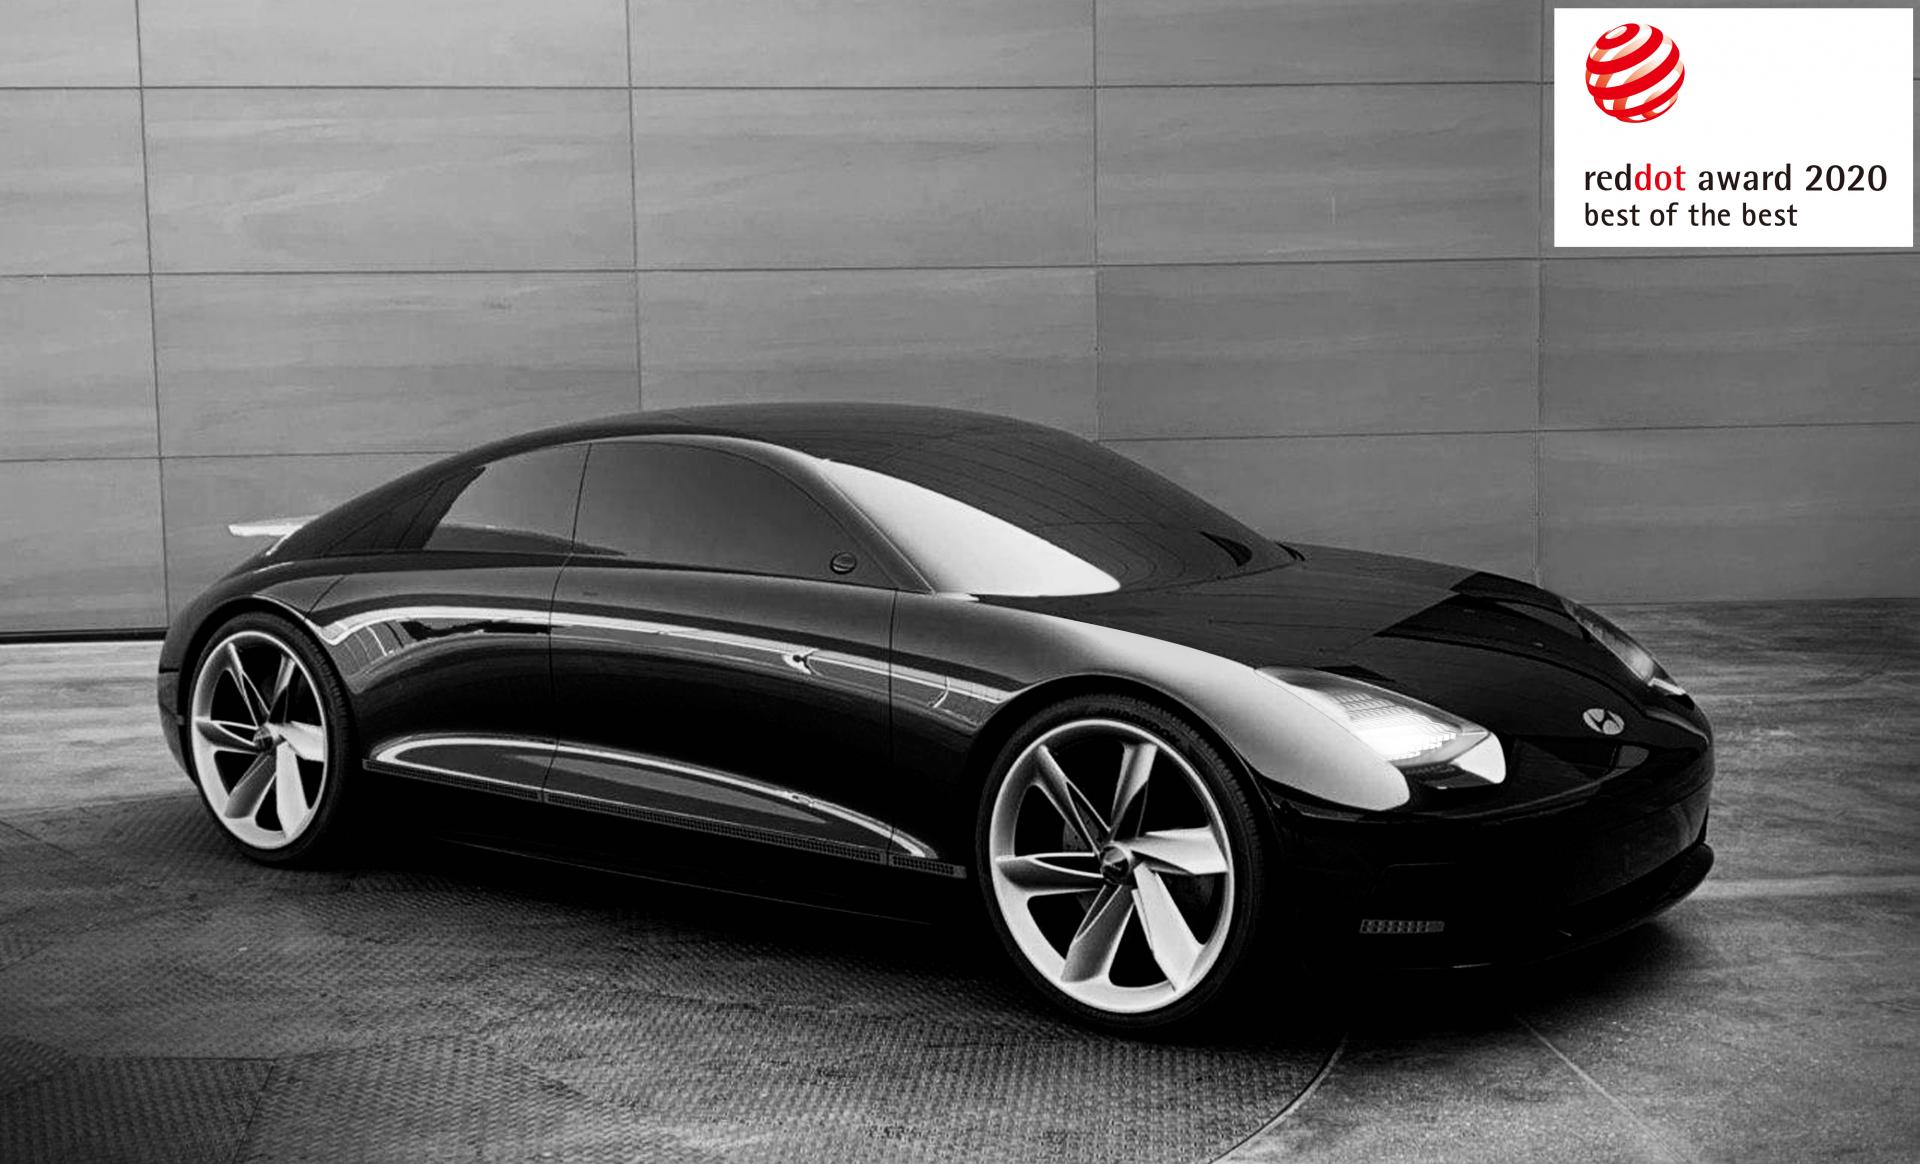 Компанія Hyundai Motor отримала три нагороди Red Dot Award 2020 за концептуальний дизайн | Хюндай Мотор Поділля - фото 14